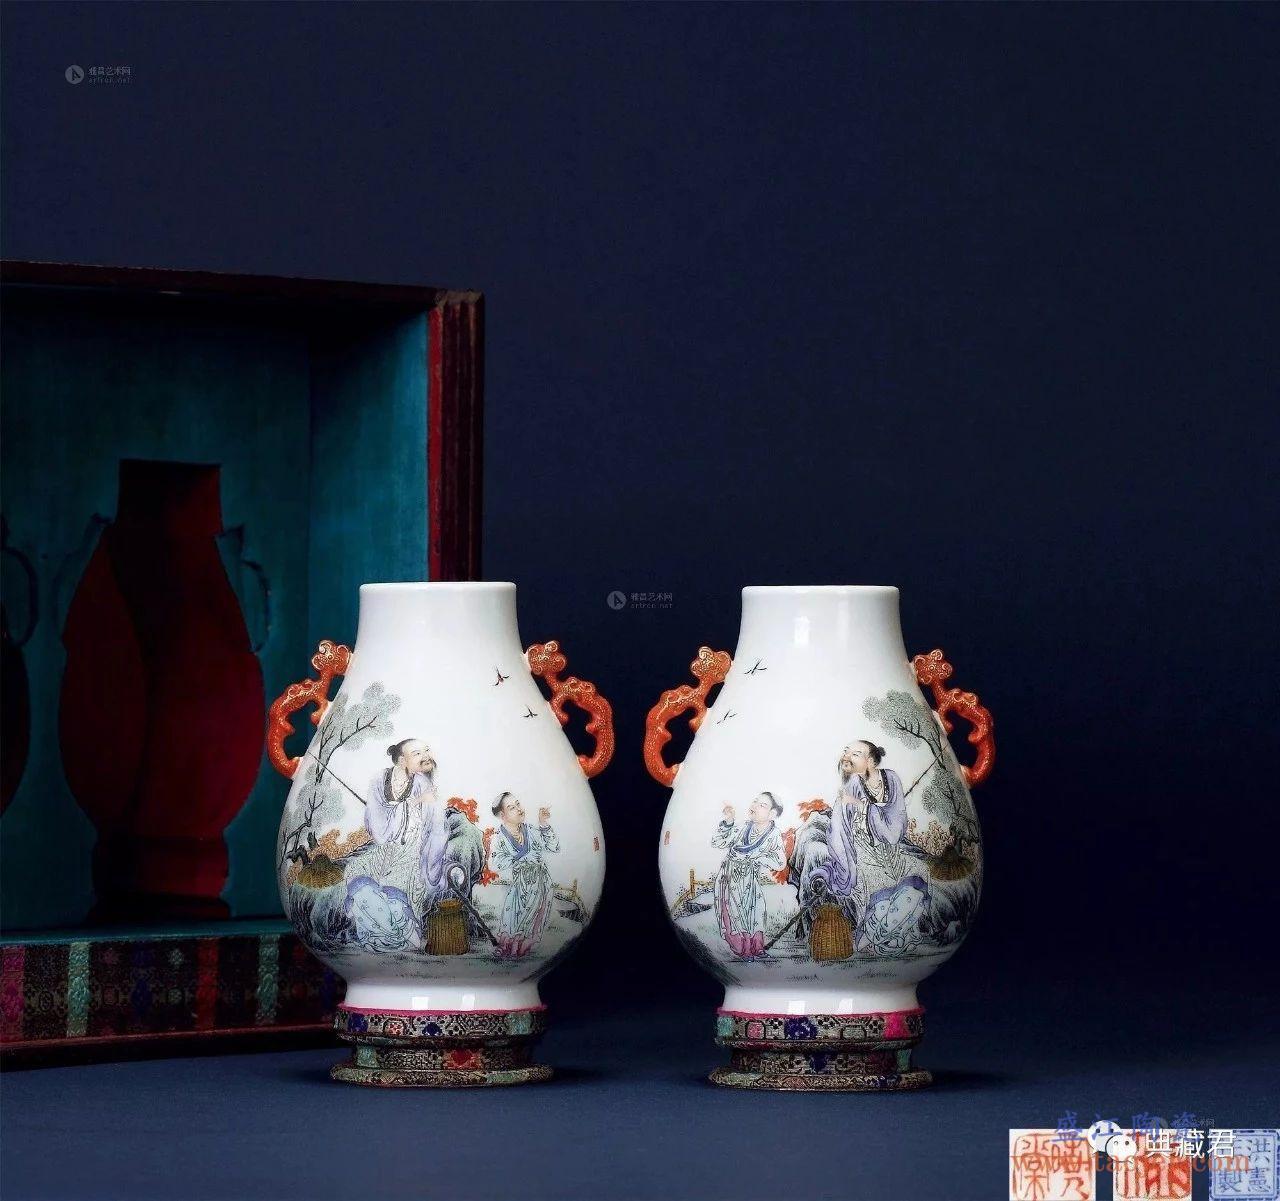 到底新粉彩瓷器和浅绛彩瓷器的区别是什么?